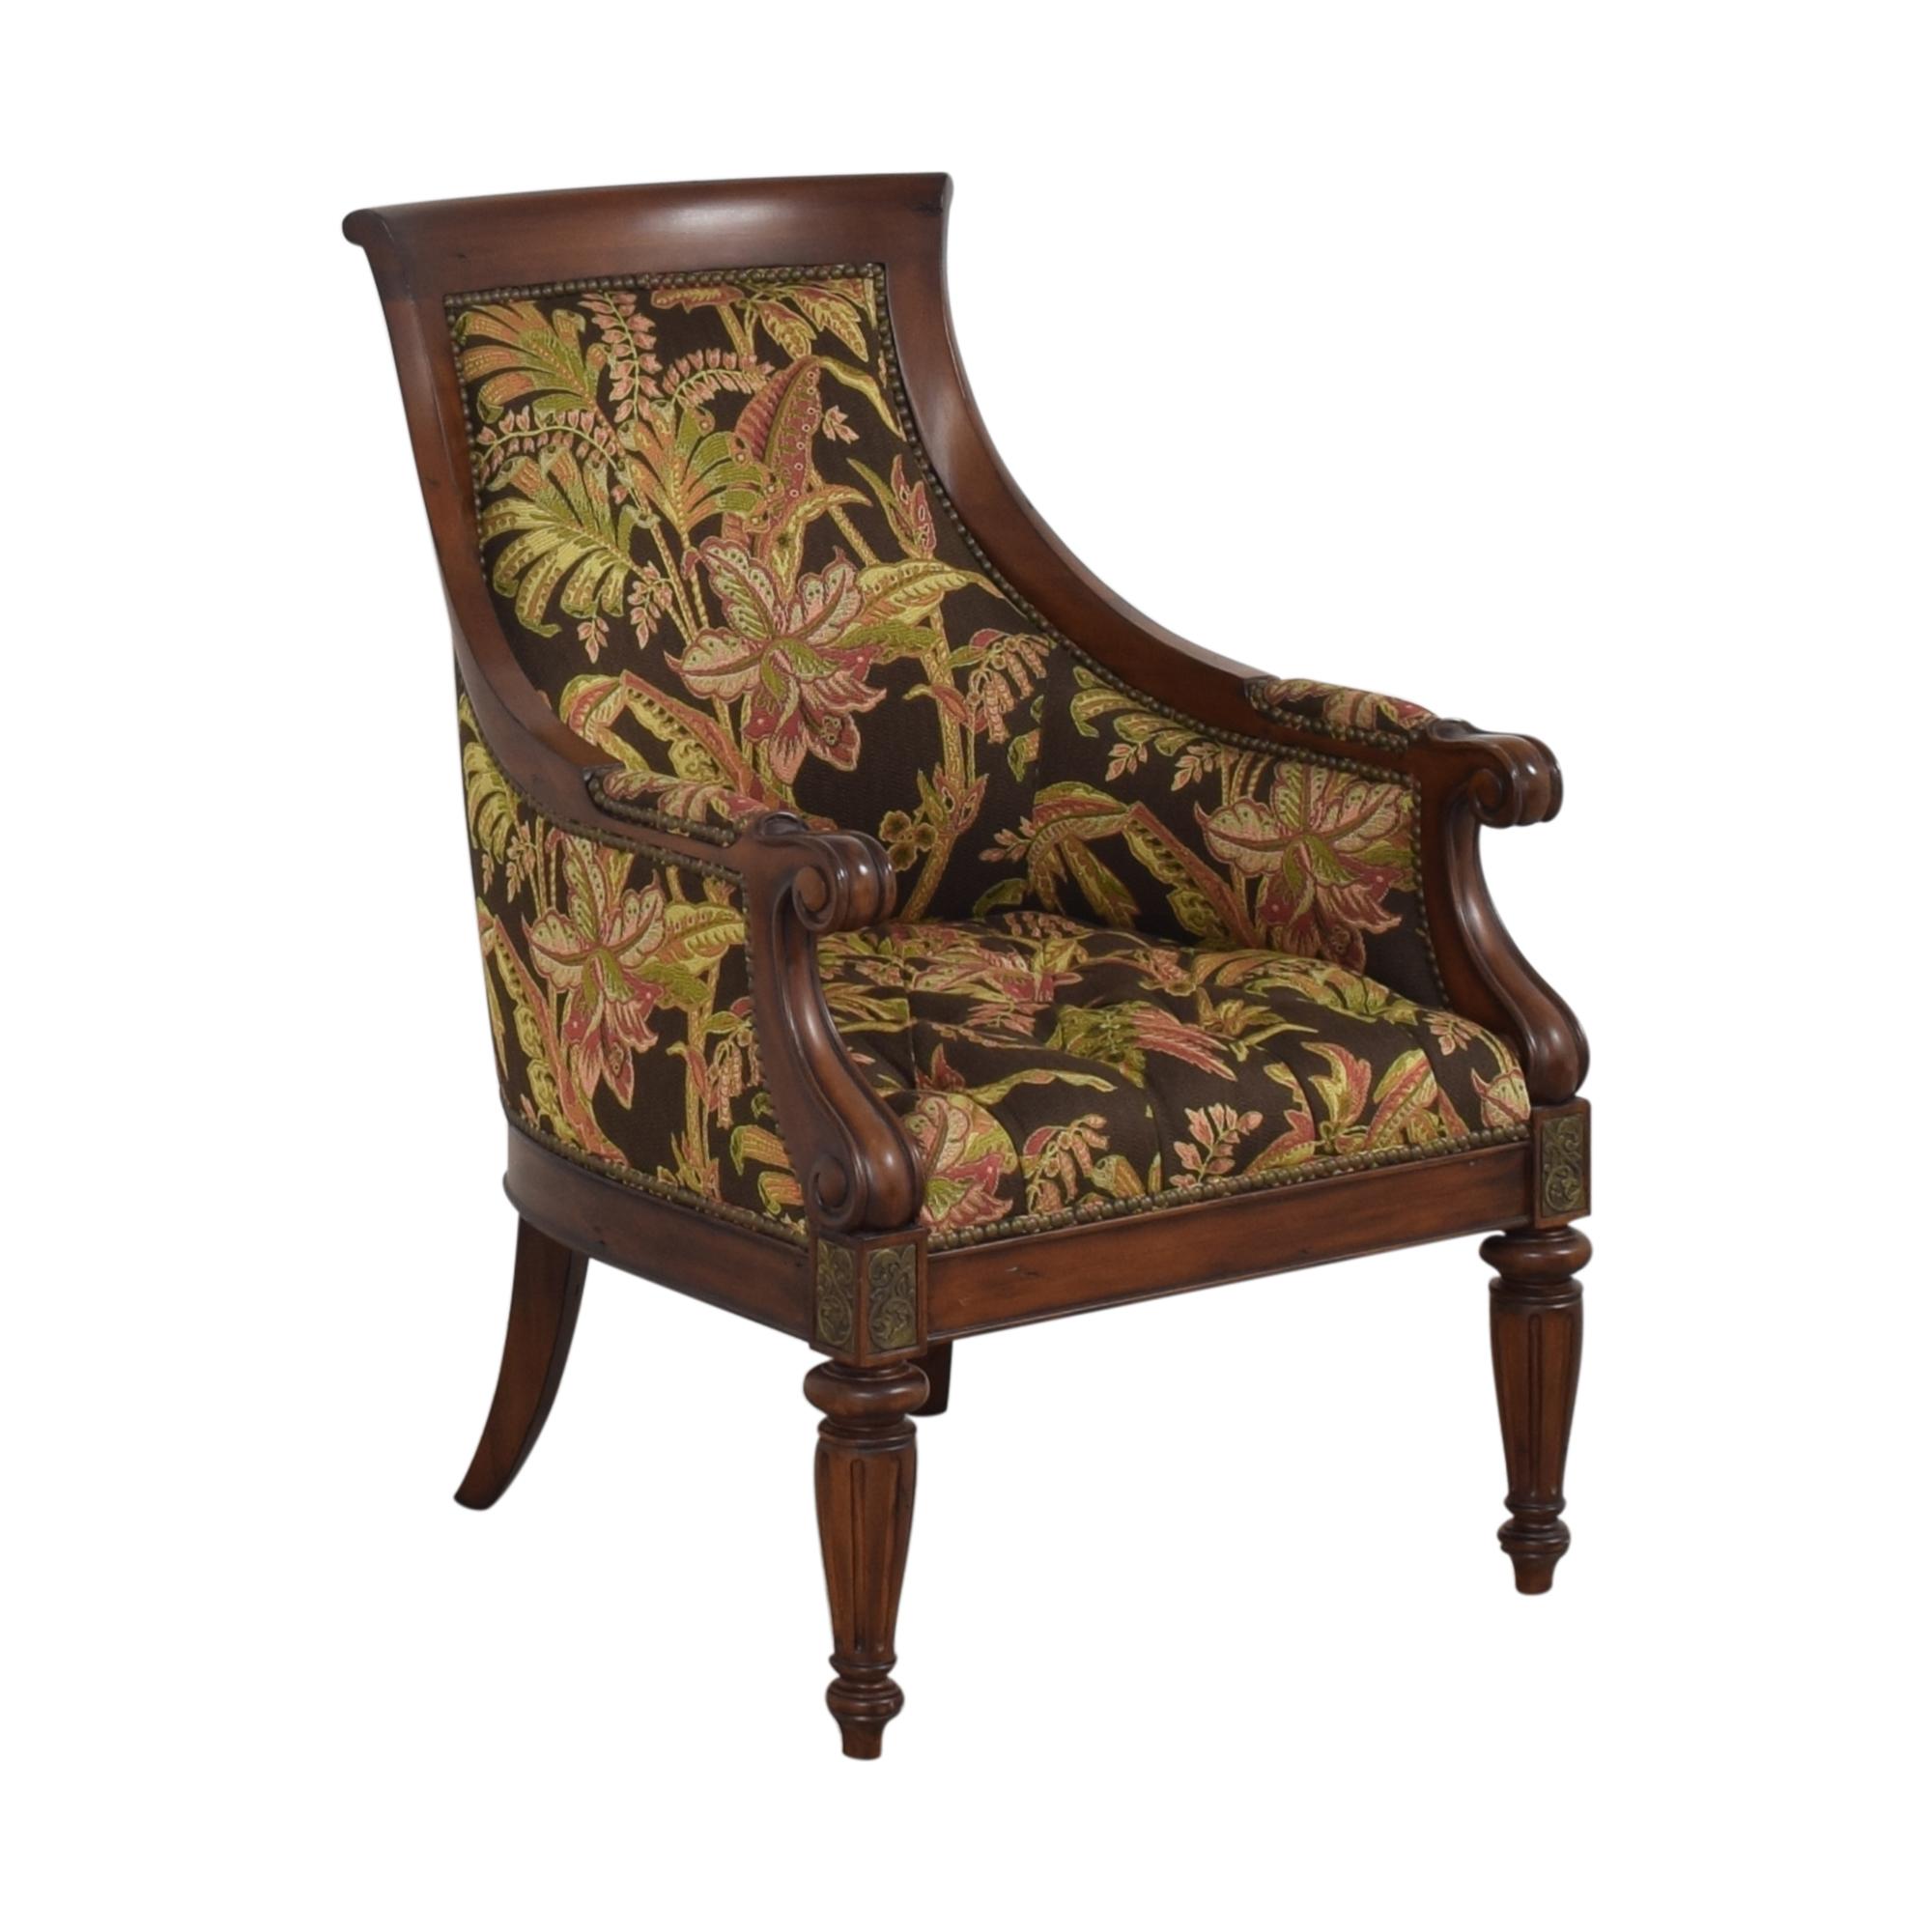 Thomasville Thomasville Ernest Hemingway Anson Accent Chair Brown / Multi